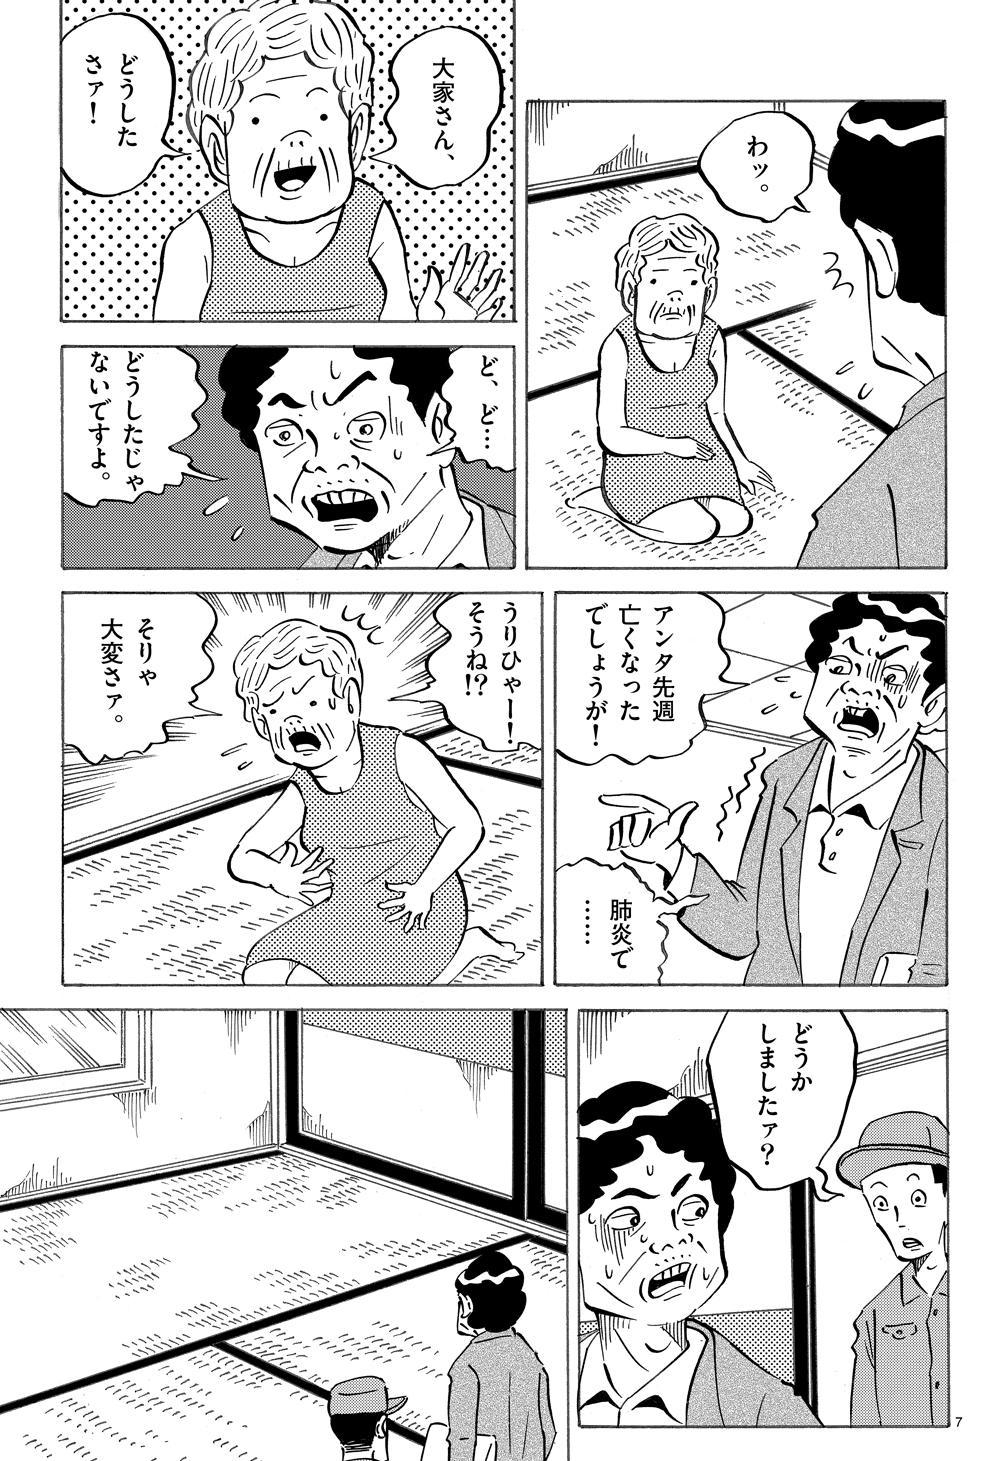 琉球怪談 【第5話】WEB掲載7ページ目画像